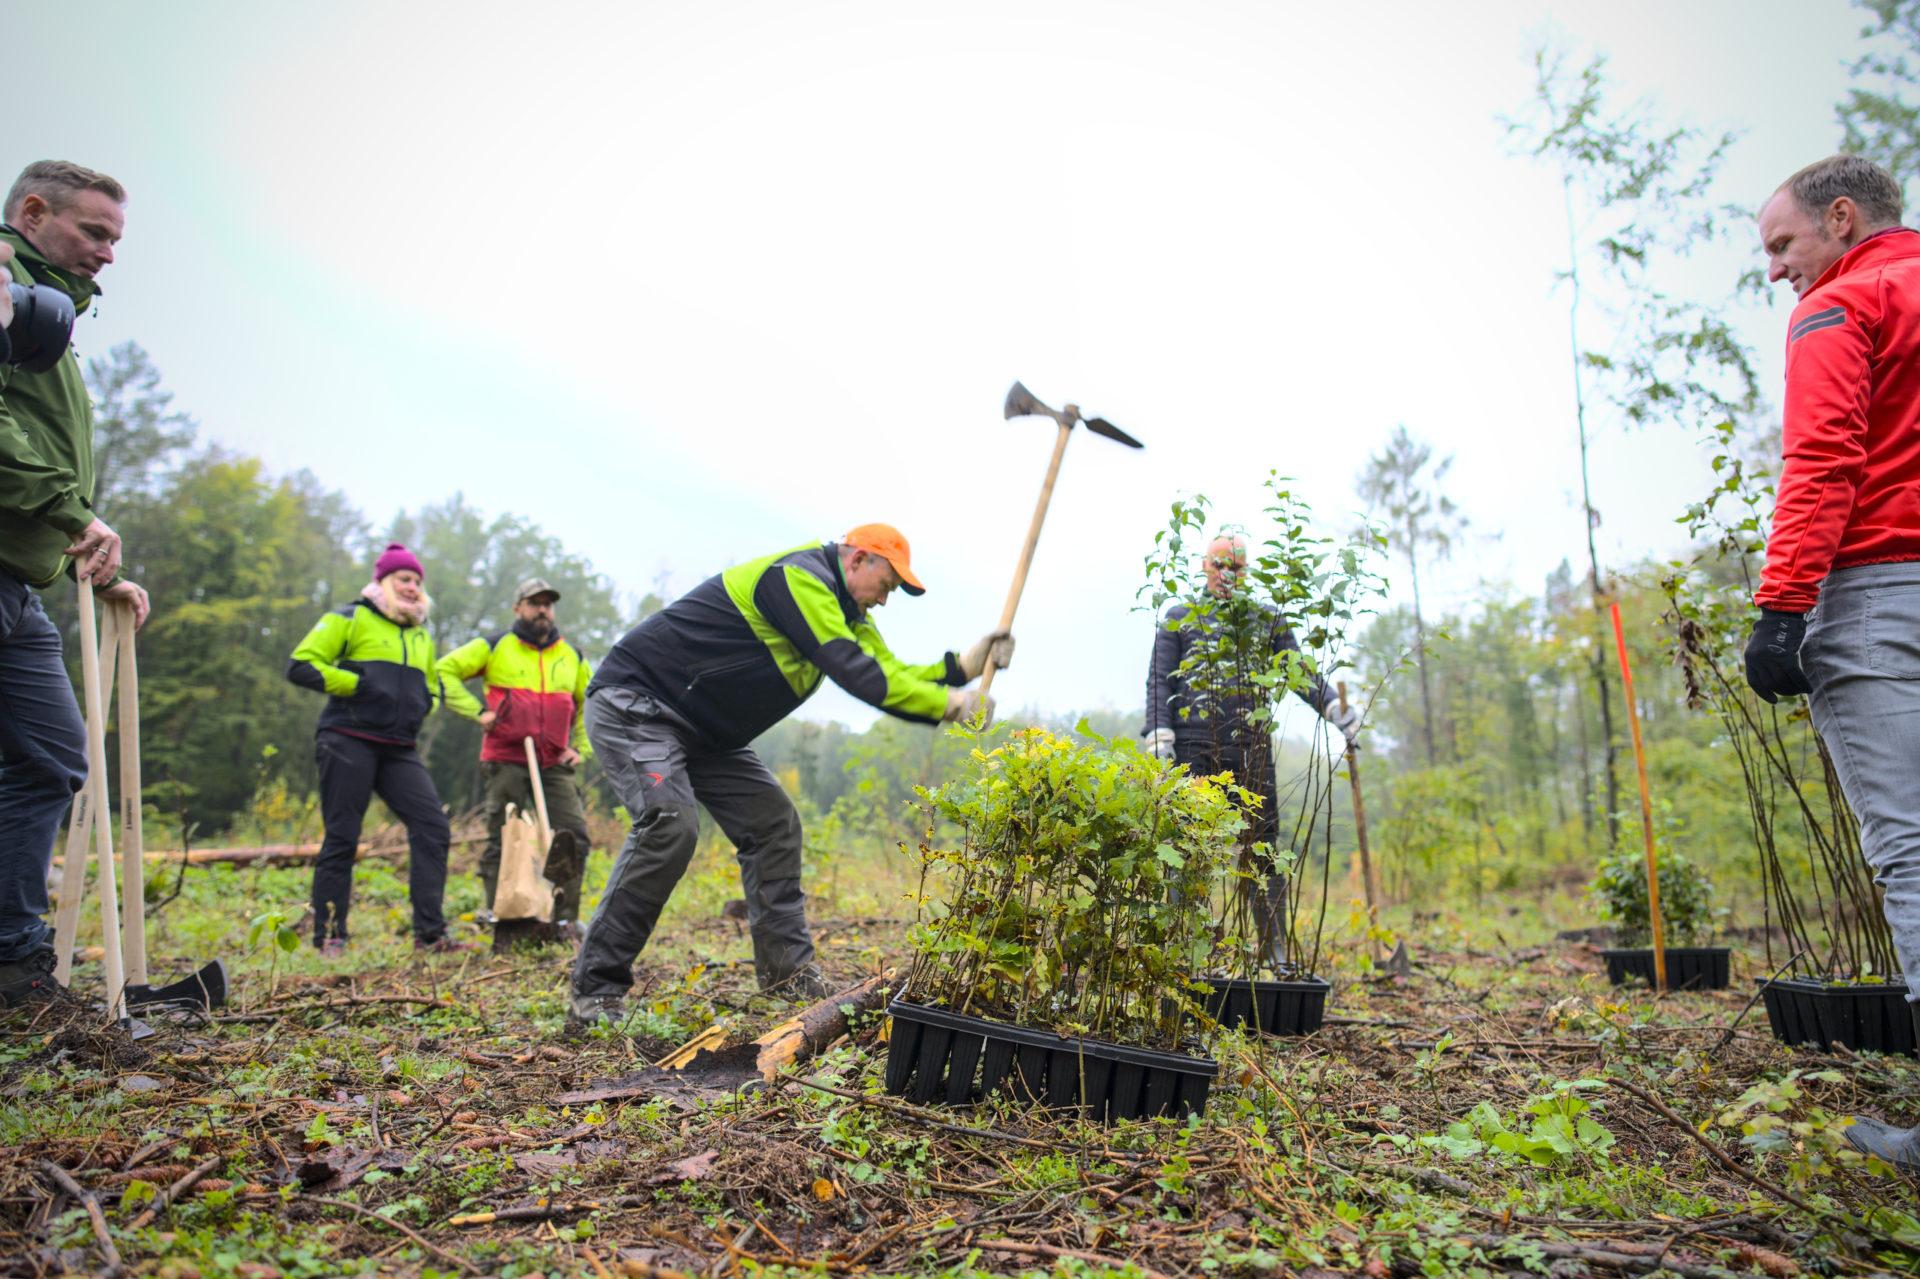 Stadtradeln Erfurt 2020 - Baumpflanzaktion von 275 Bäumen